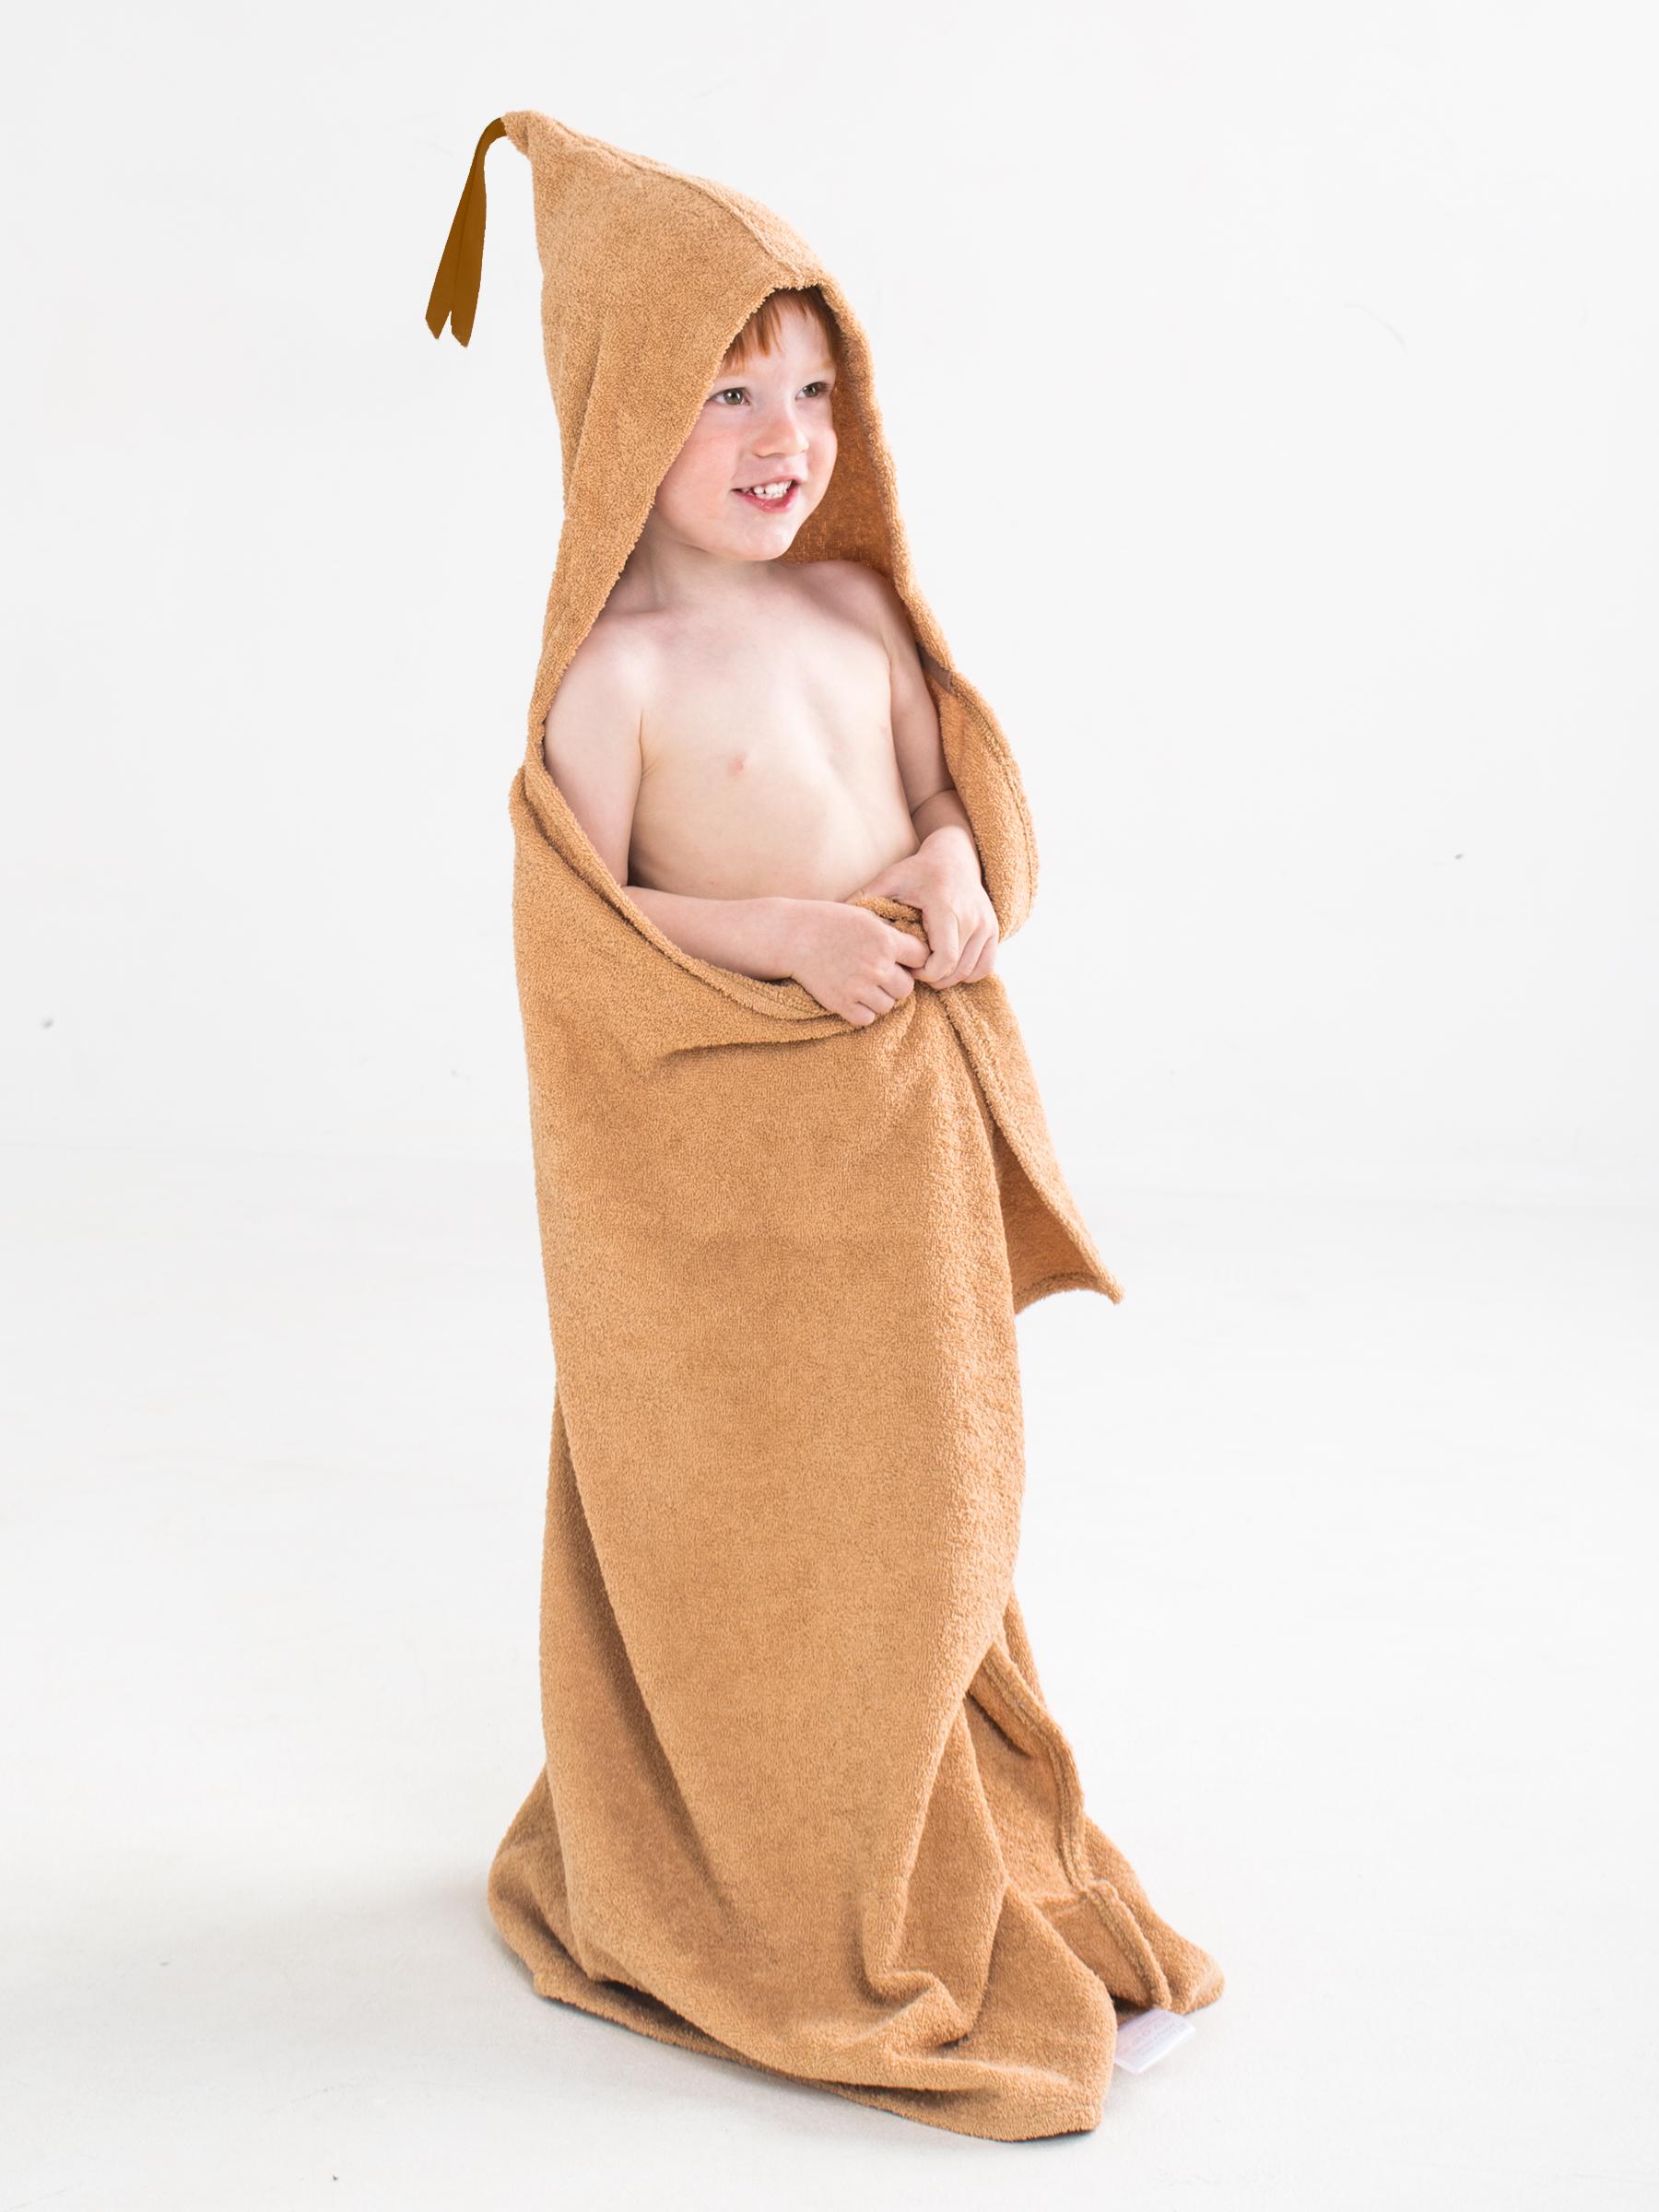 Полотенце детское BabyBunny Полотенце с капюшоном - Бежевое, M, бежевый imsevimse полотенце с капюшоном cова